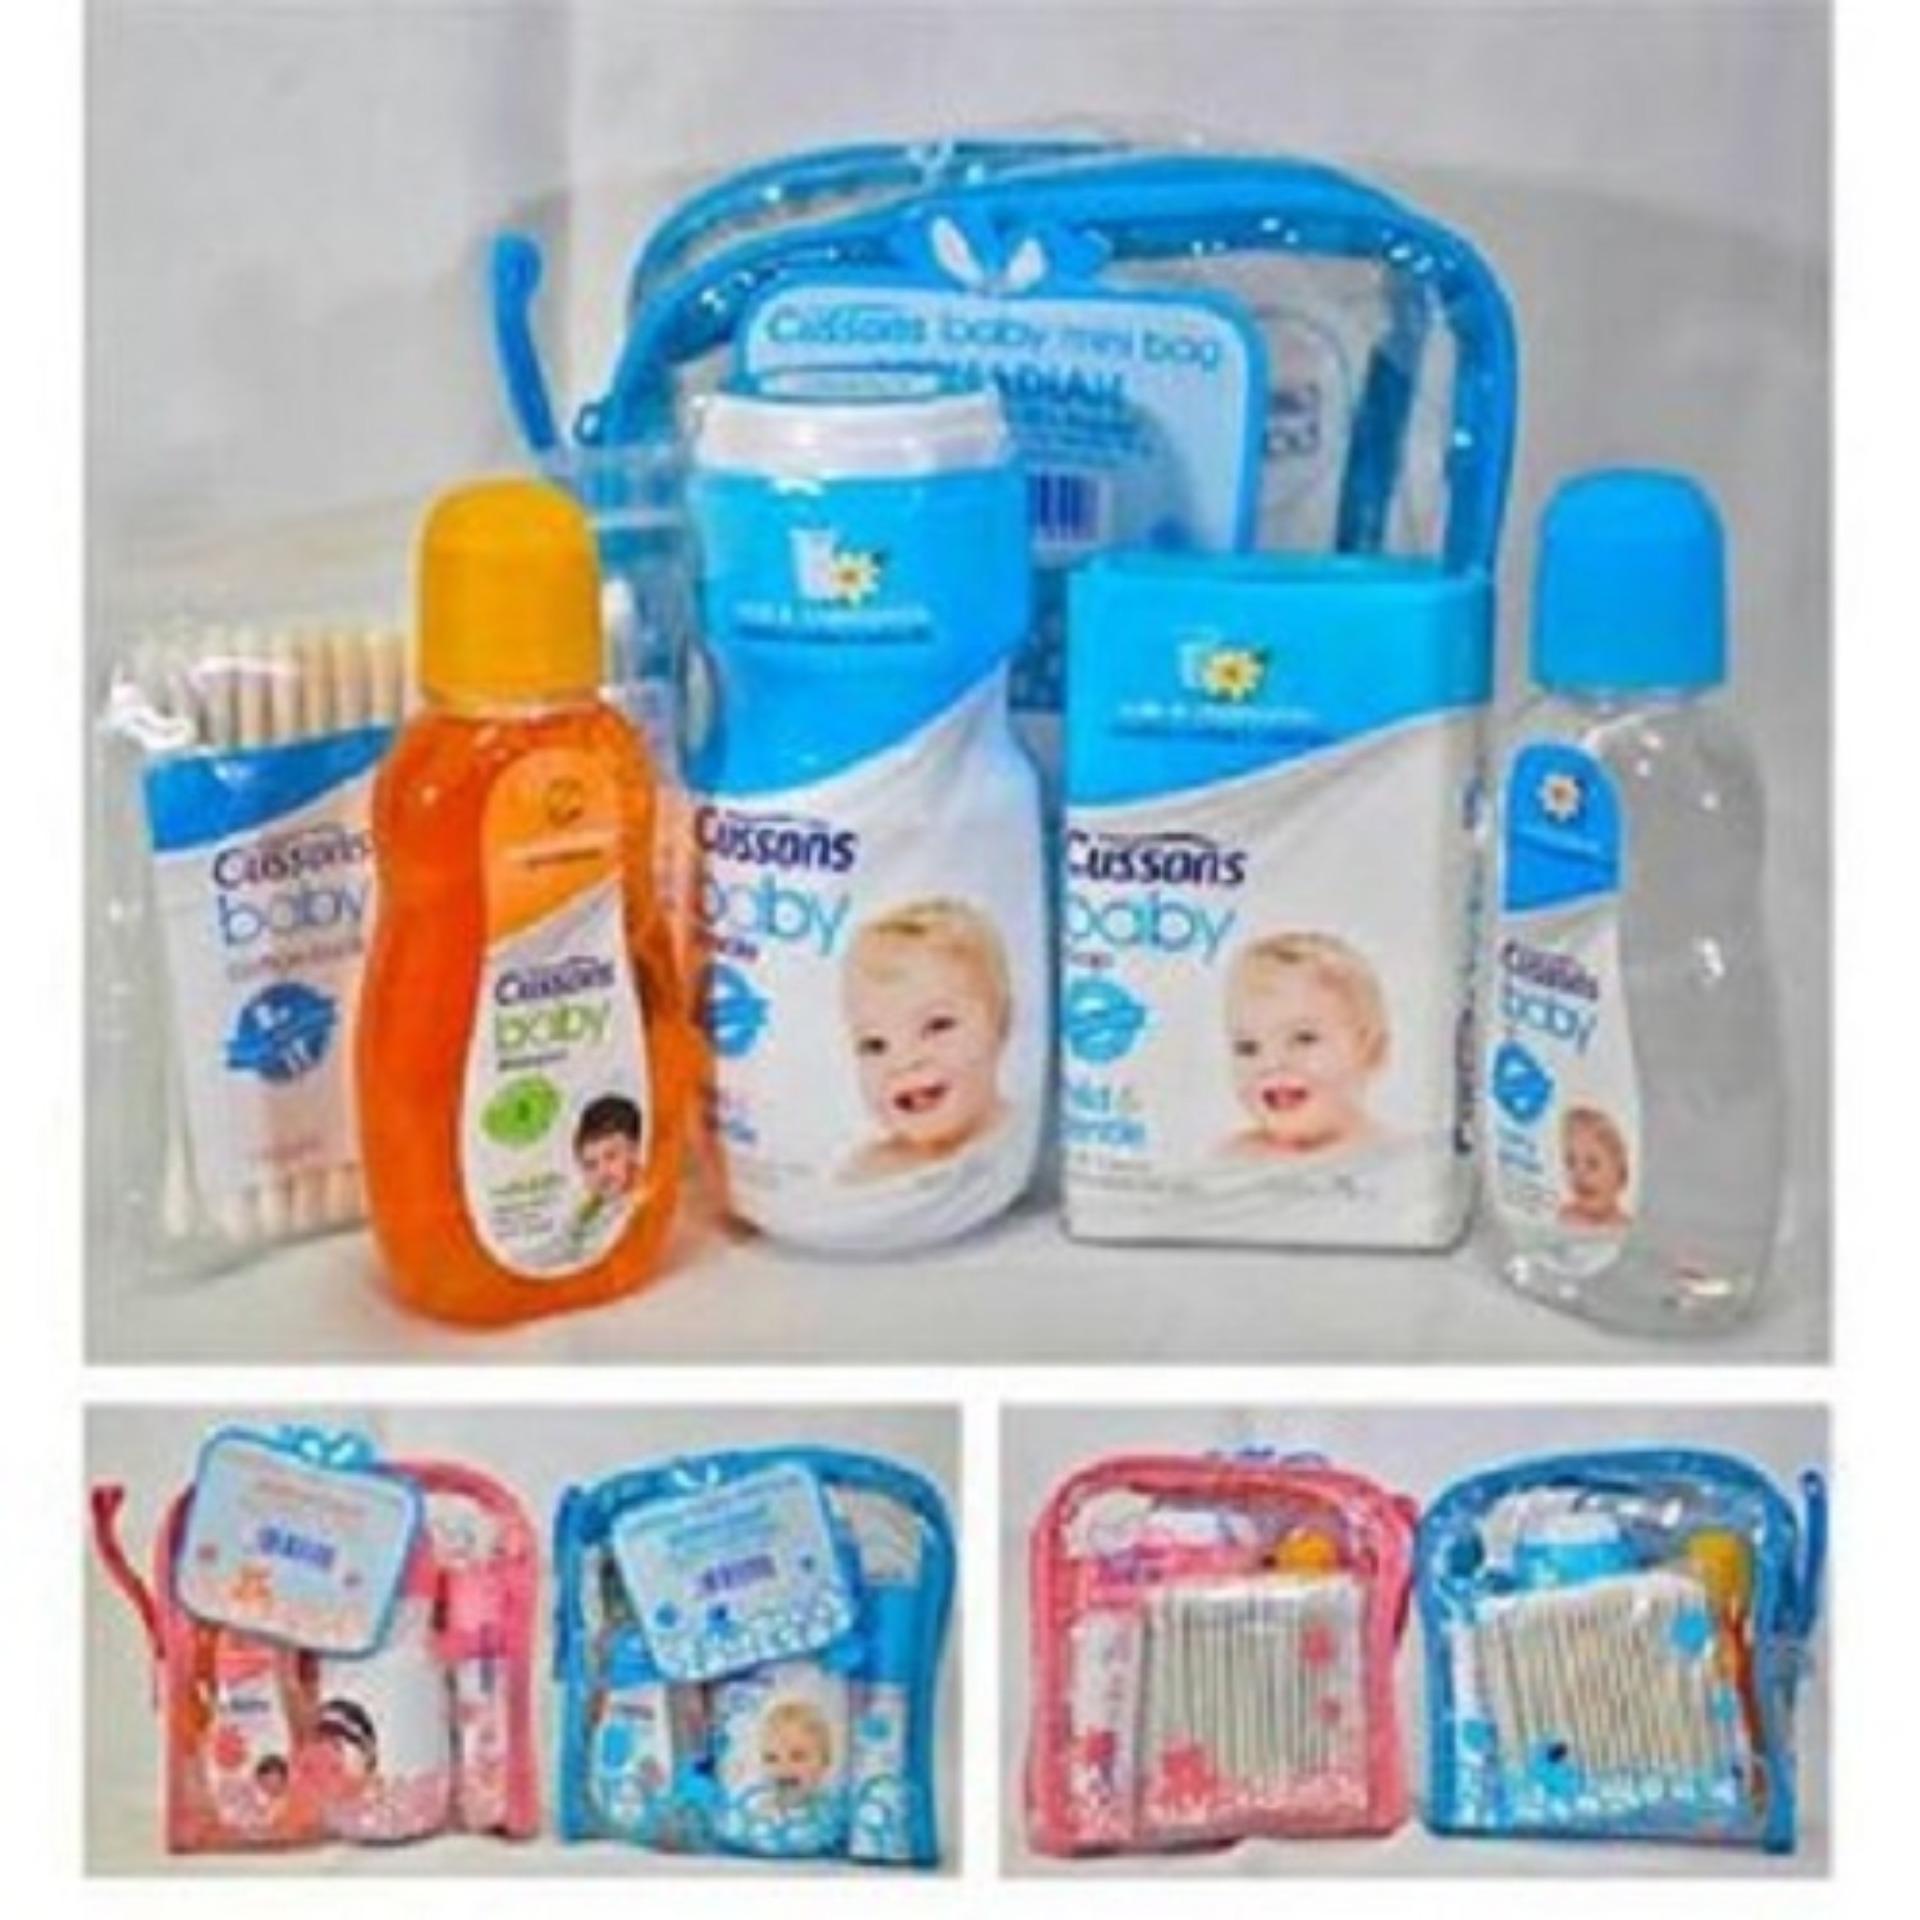 Kehebatan Cussons Baby Soap Mild Gentle 75 Gr Bundle 5 Dan Harga Cream And 50 Paket In 1